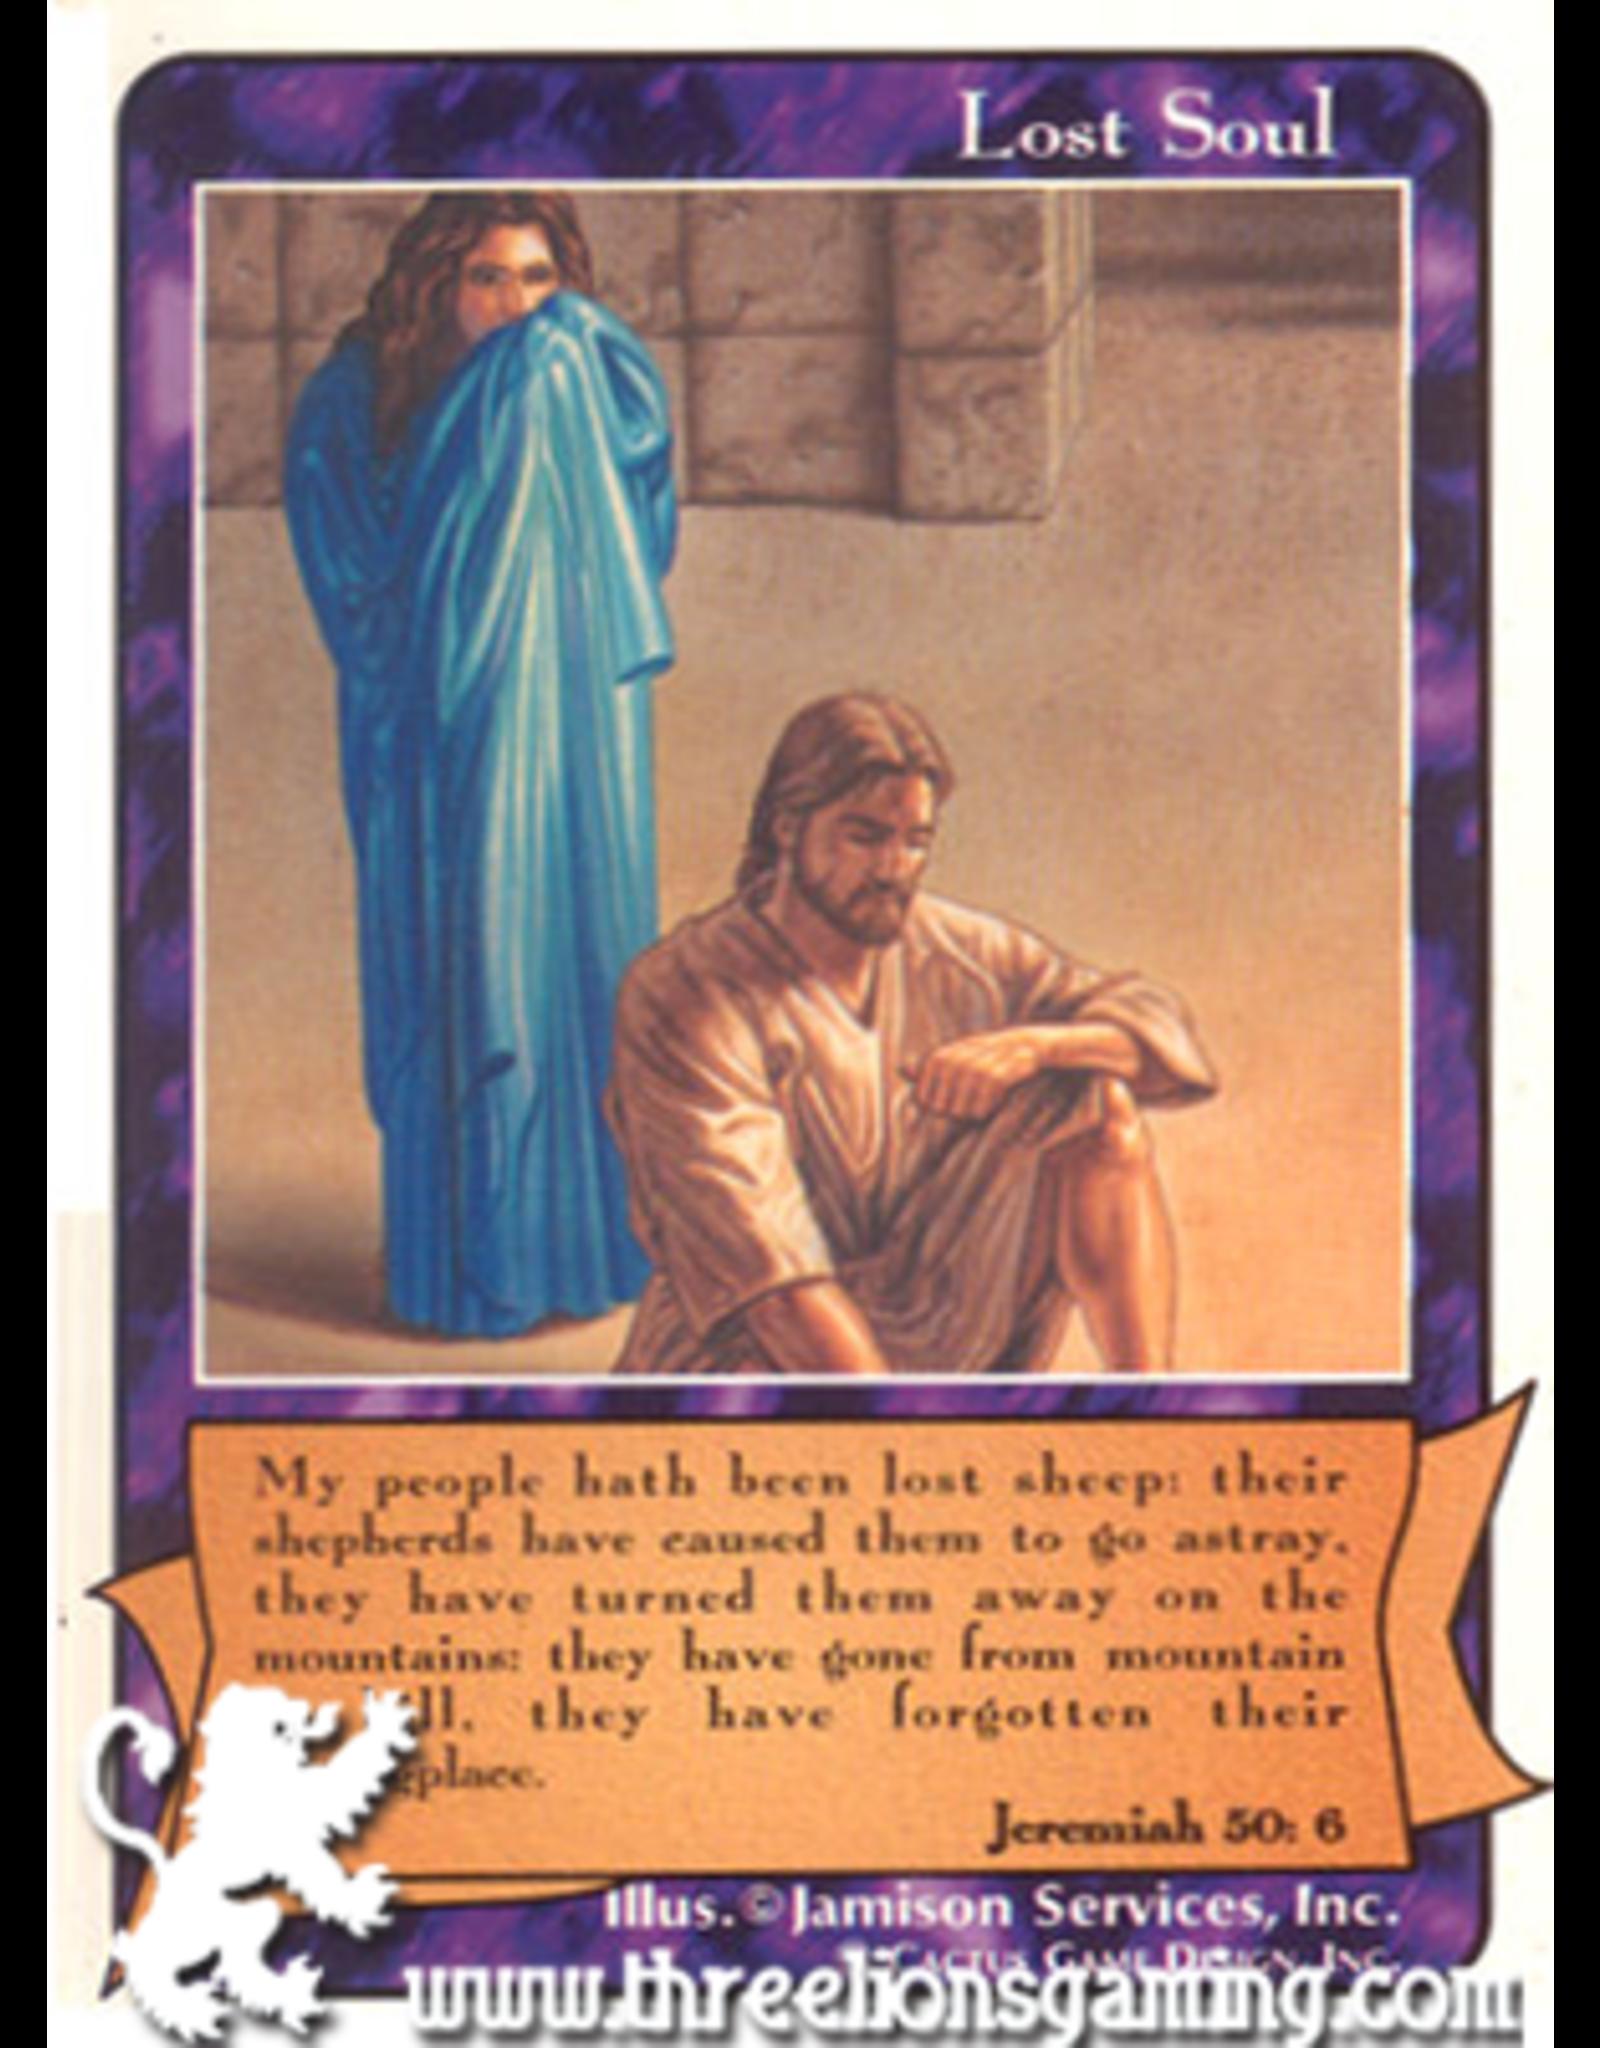 Wa: Lost Soul (Jeremiah 50:6)